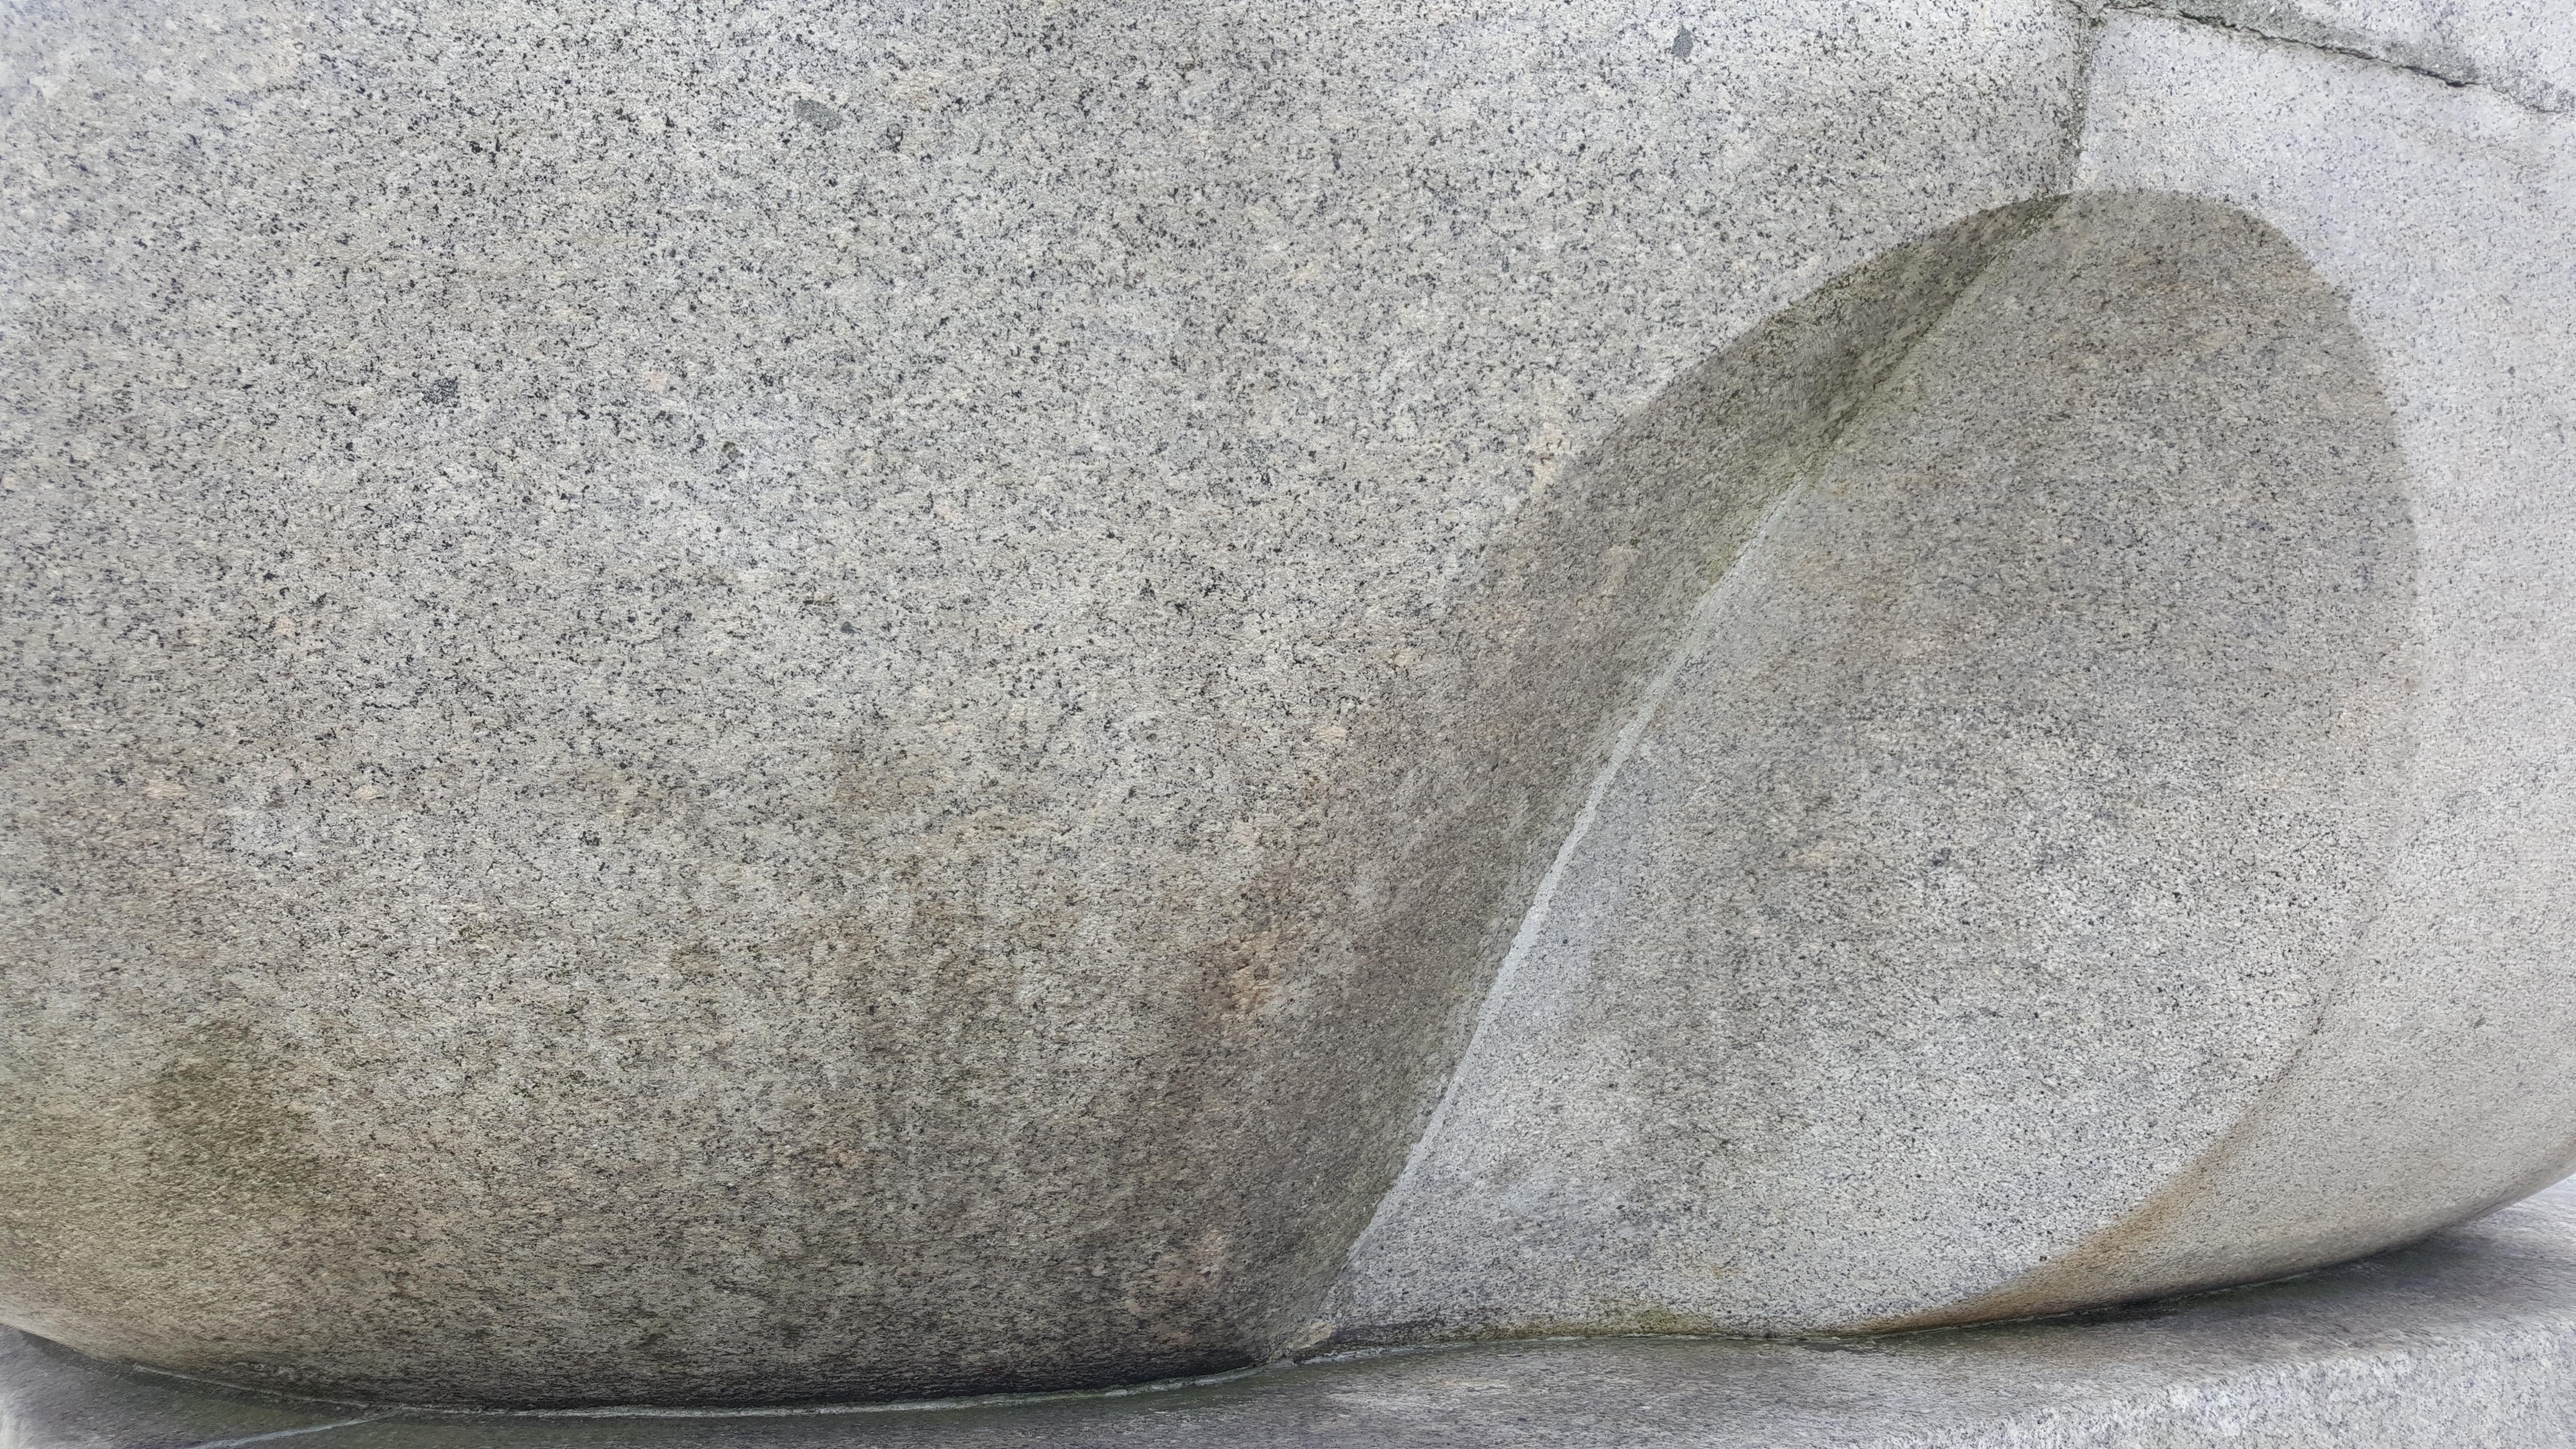 Jedno z konkursowych zadań polegało na odgadnięciu nazw pomnika po jego małym szczególe